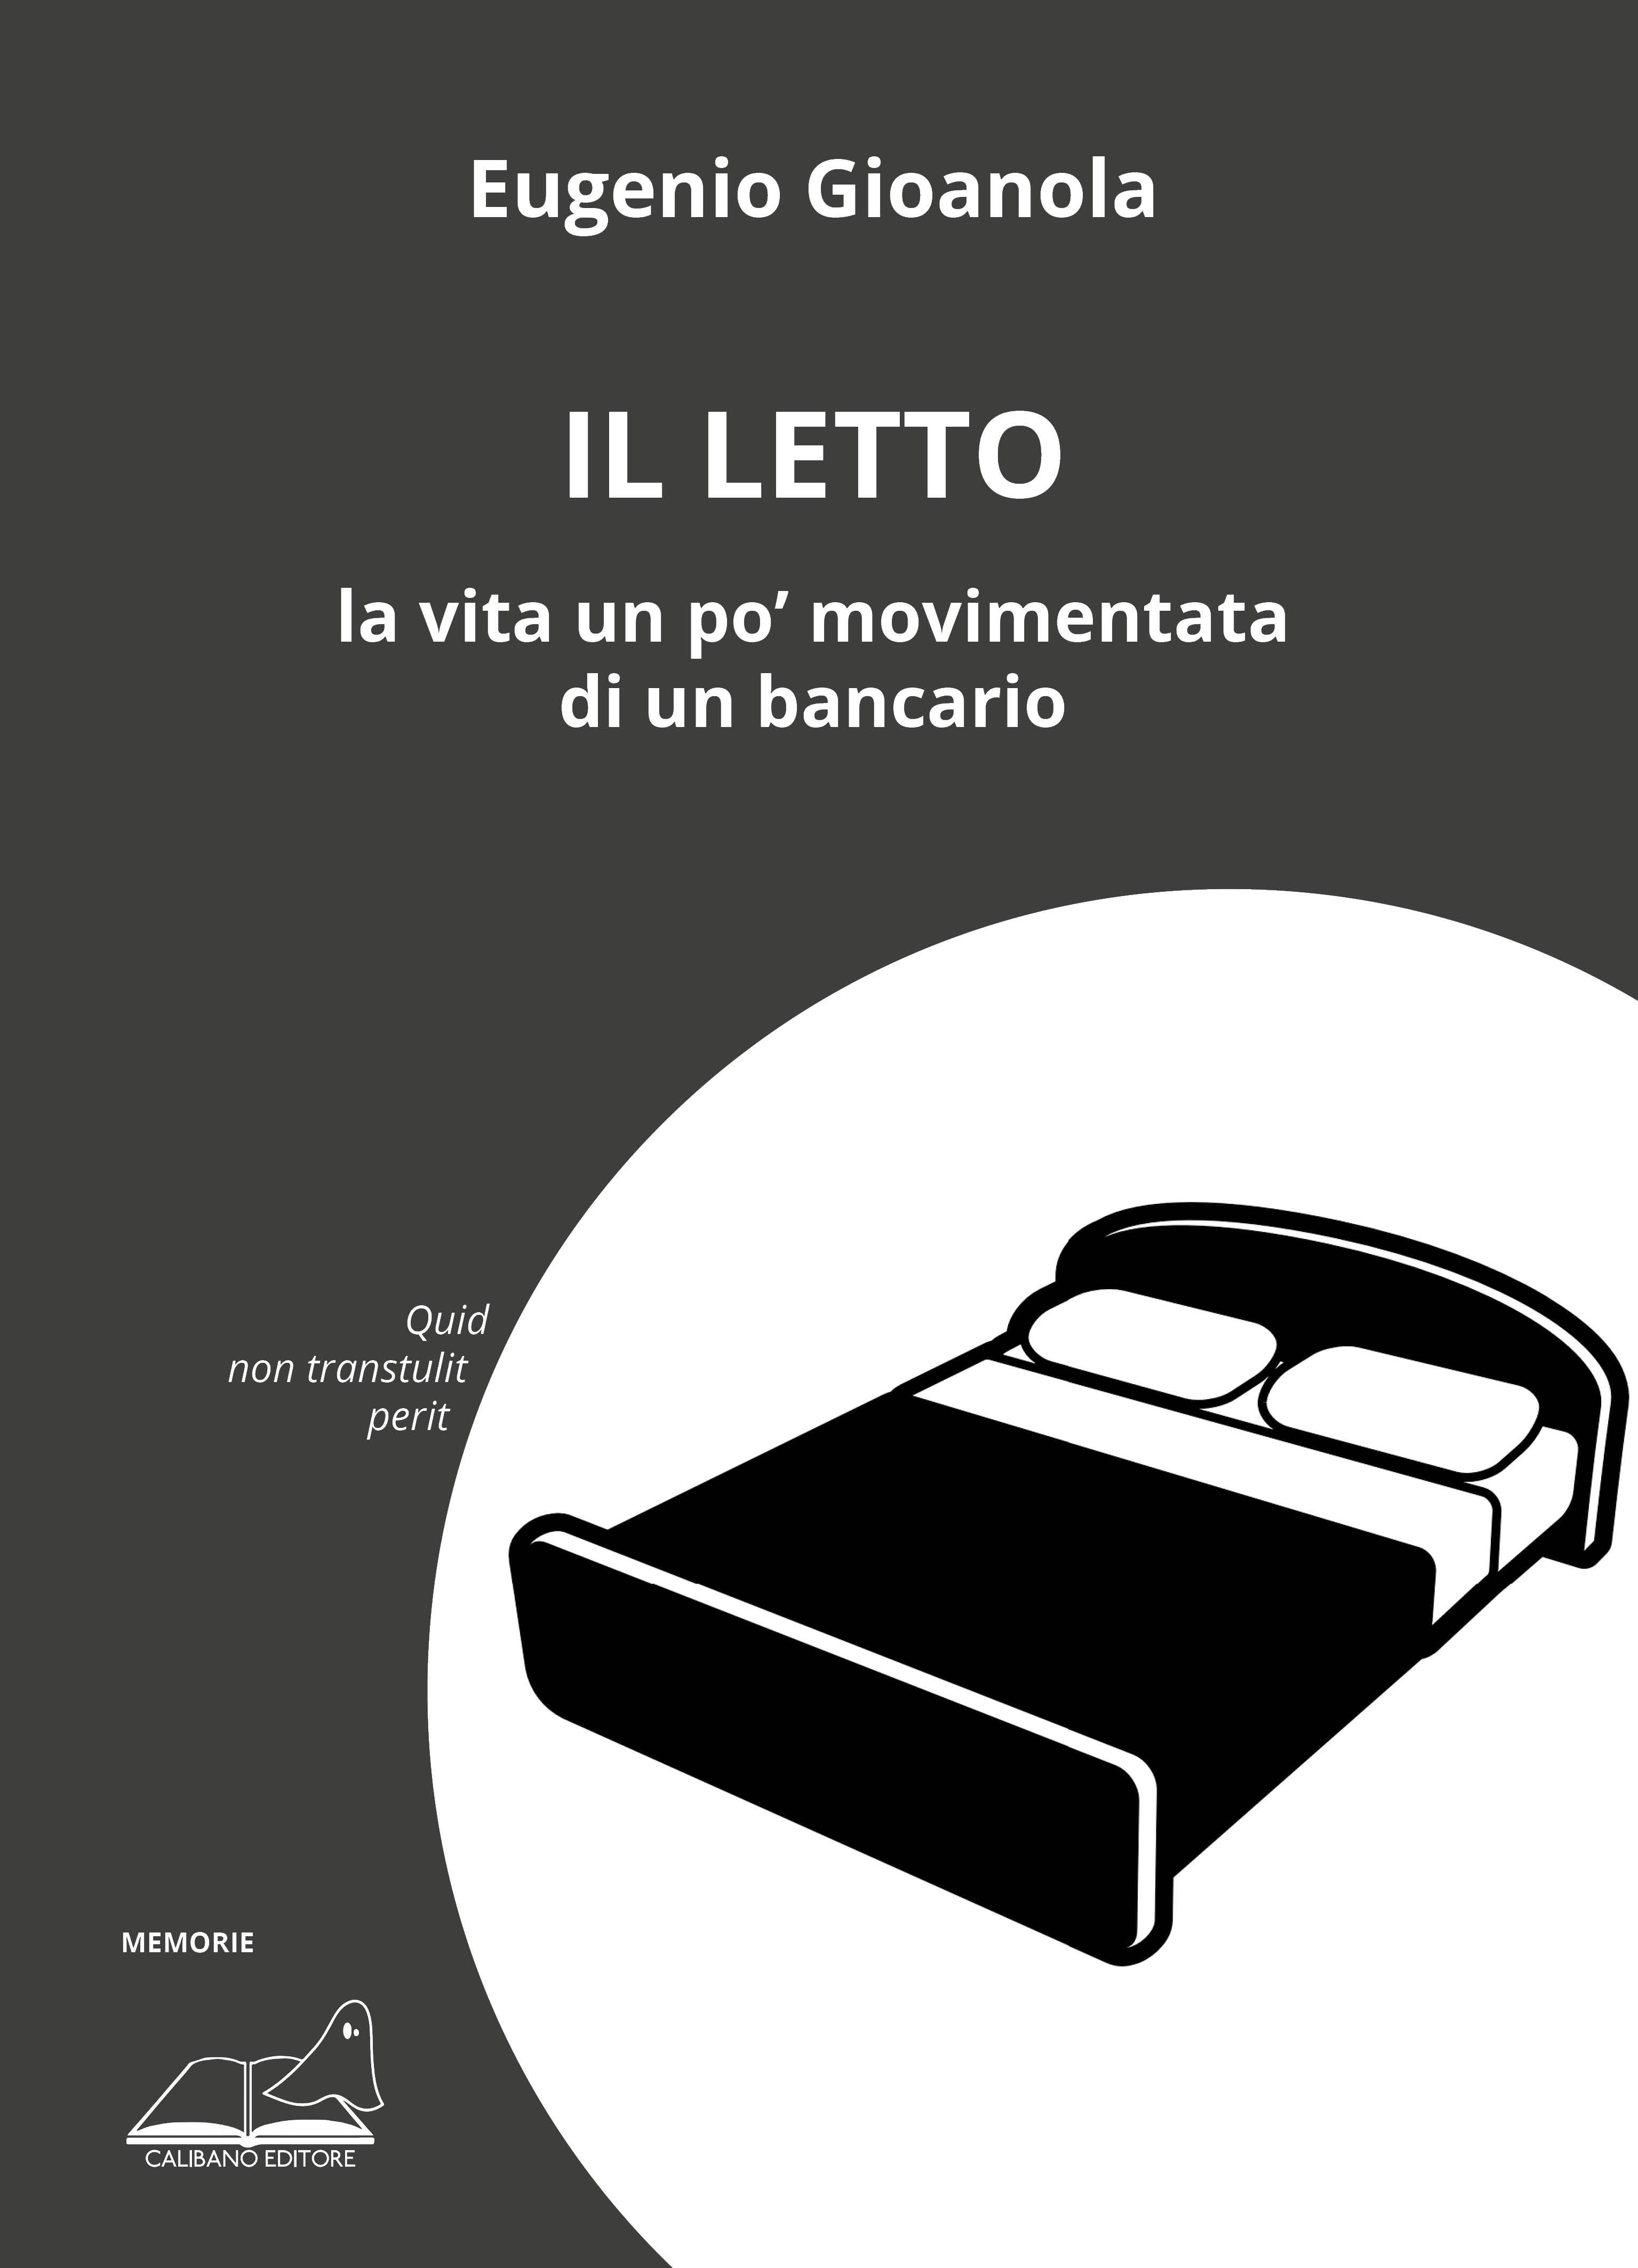 Il letto-image-1%>